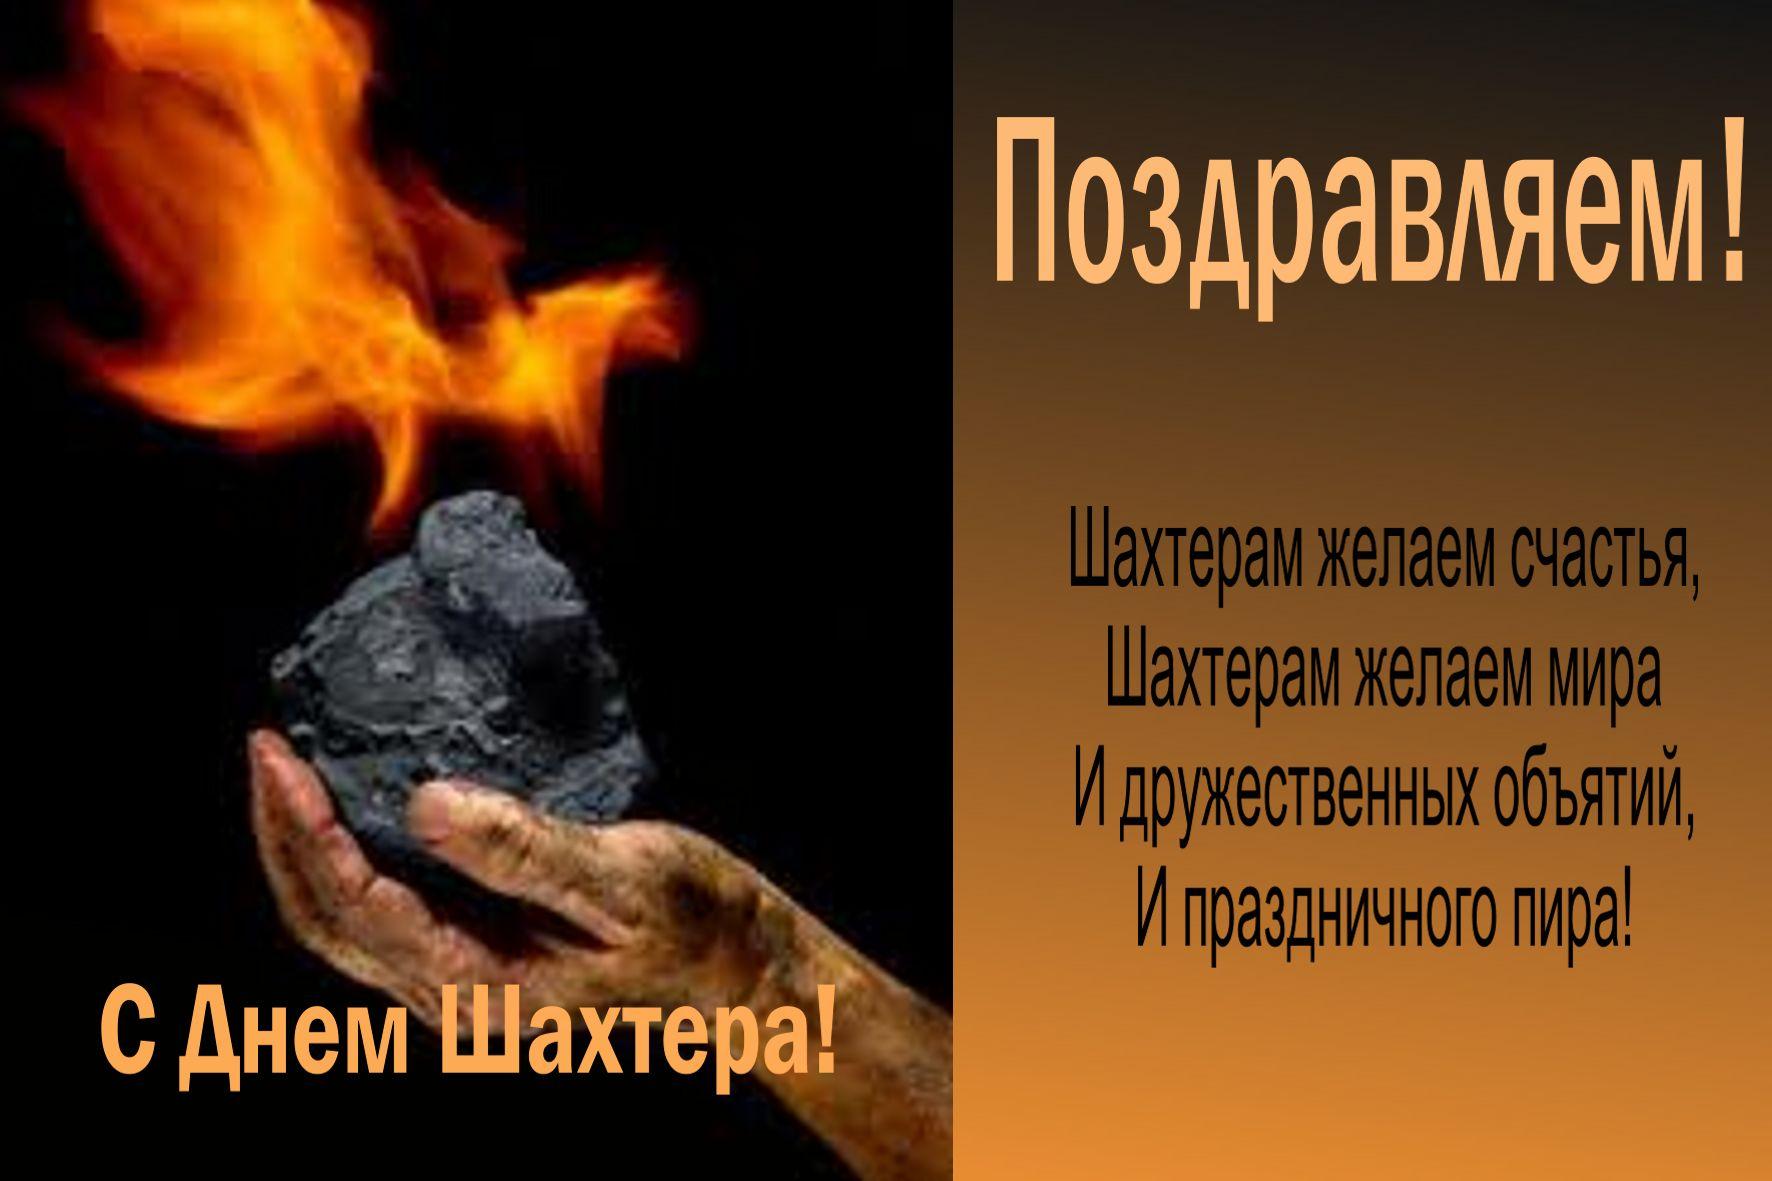 поздравления ко дню шахтера в картинках форму дыма, выбираем